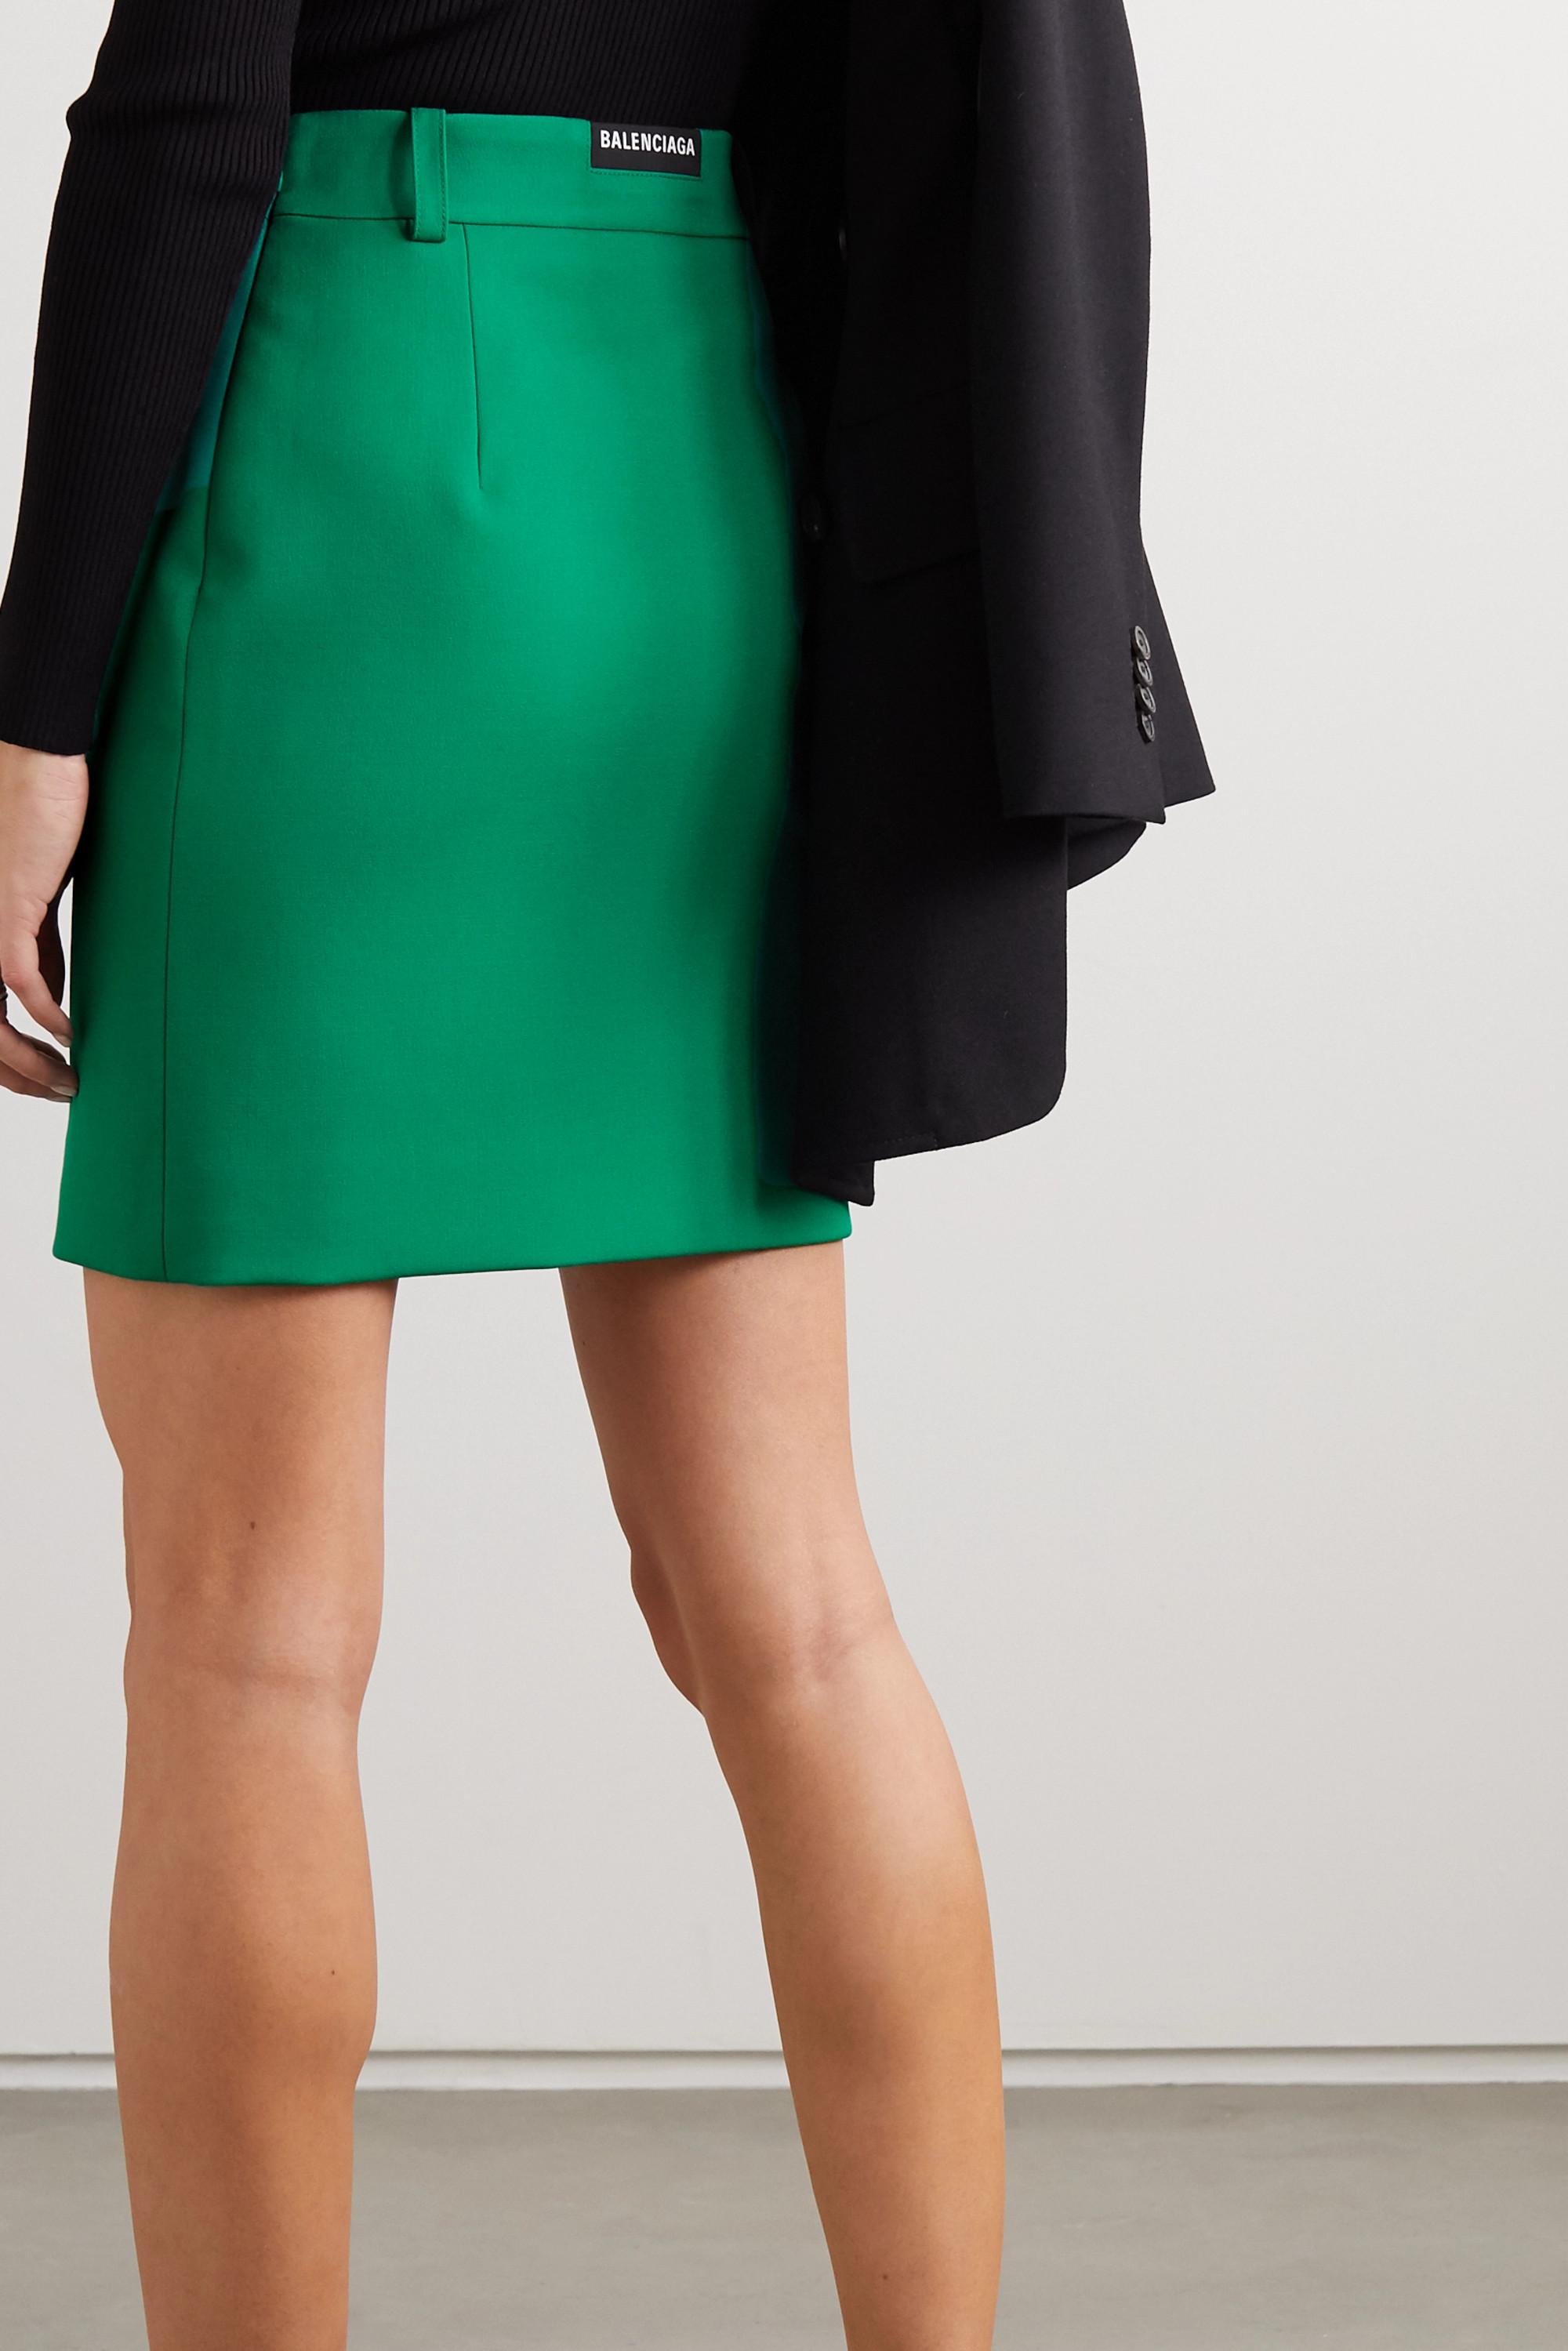 Balenciaga Minirock aus einer Wollmischung